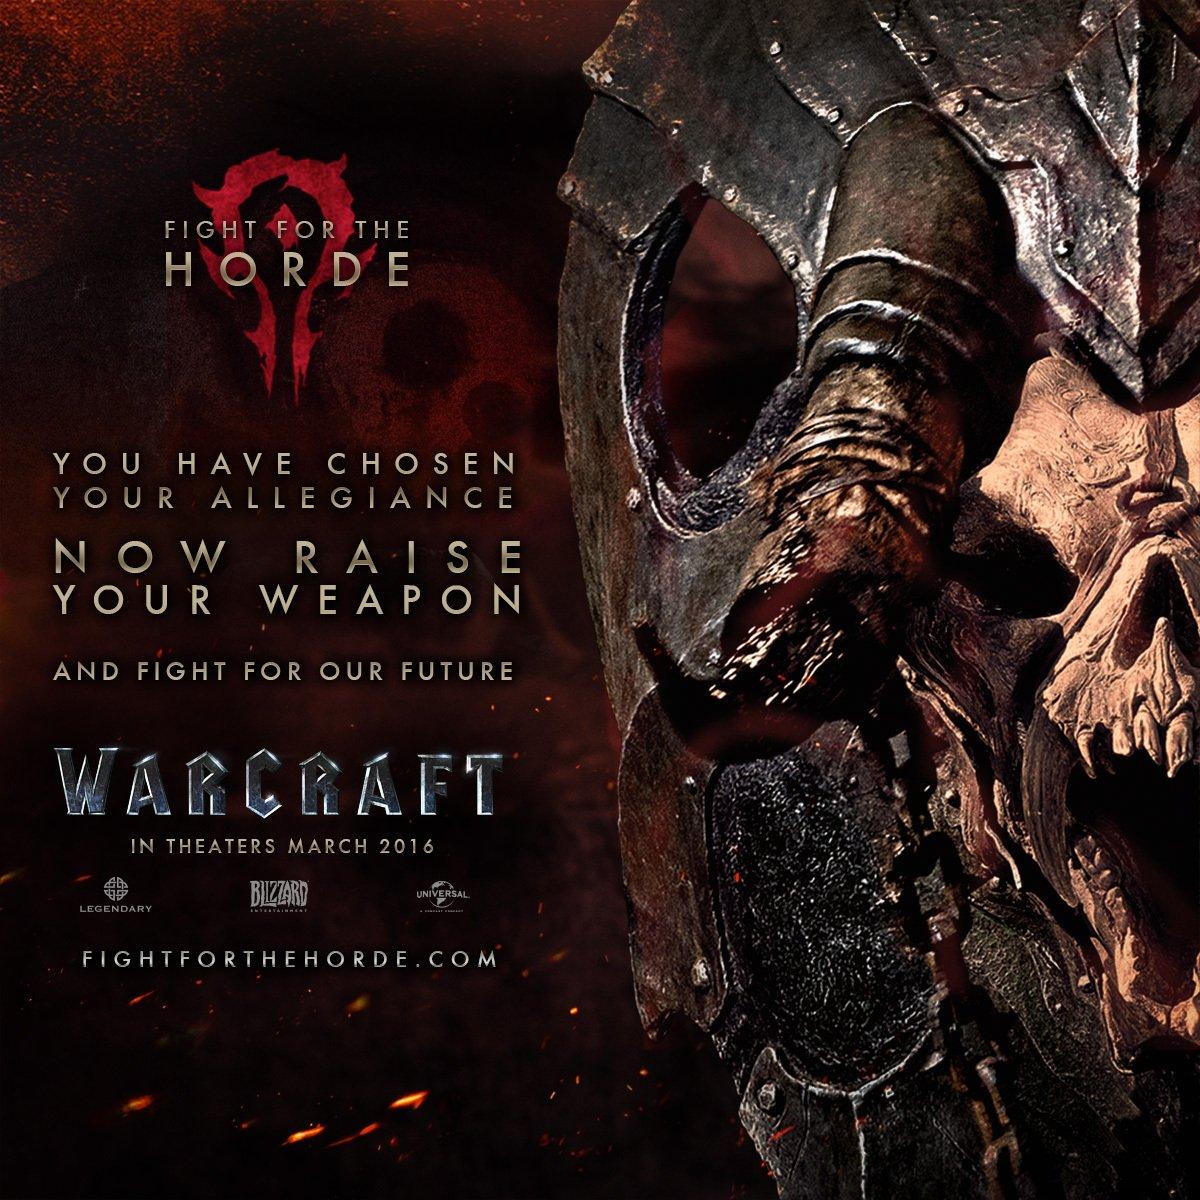 Скрины и фанатские арты к фильму WarCraft - Изображение 5